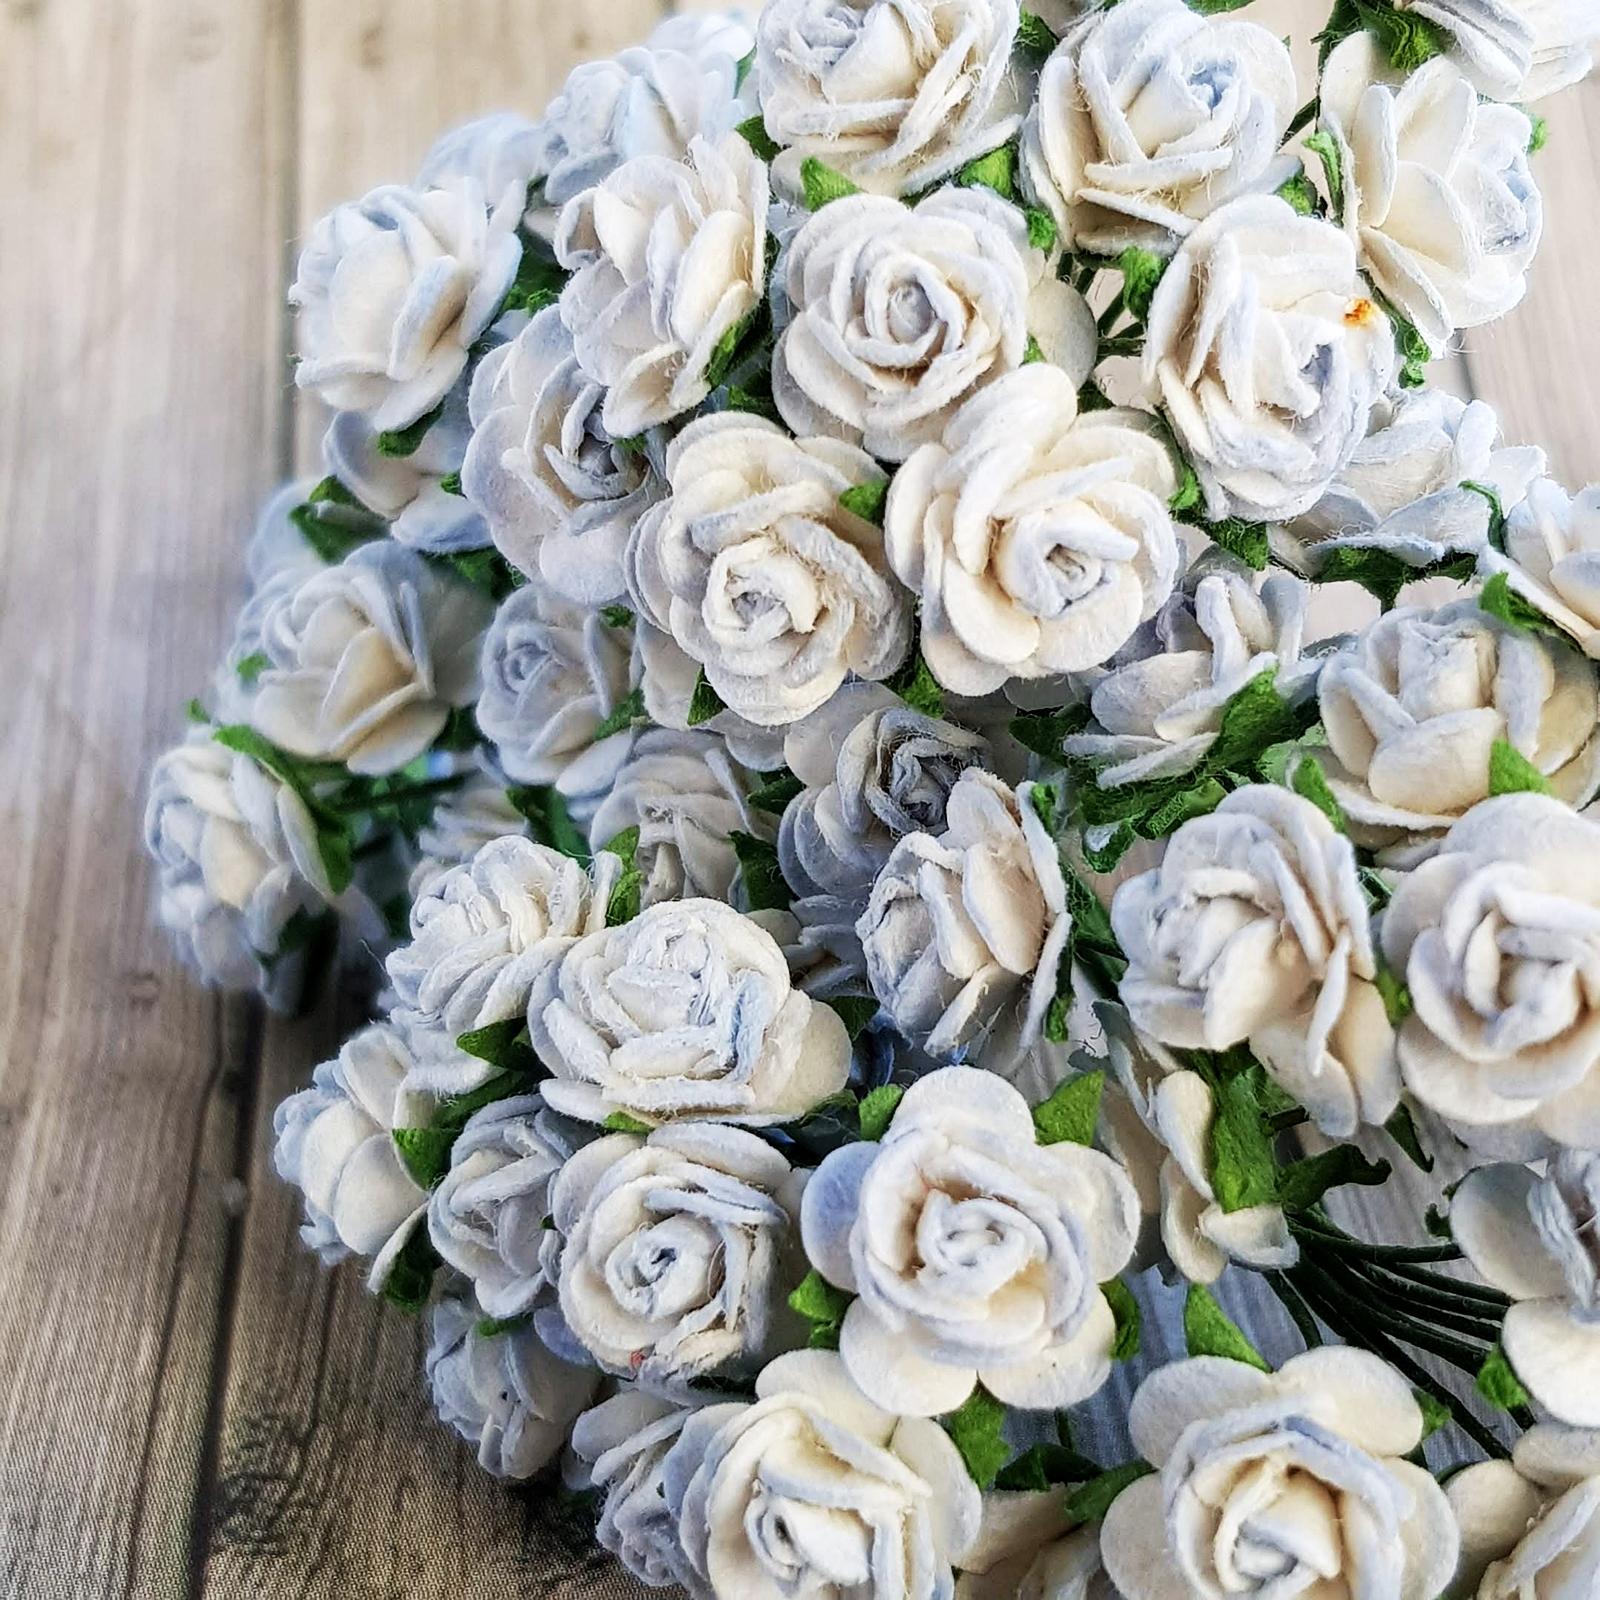 50x Light Blue Rose Mulberry Paper Flower Crafts Handmade Wedding Card Scrapbooking Miniature